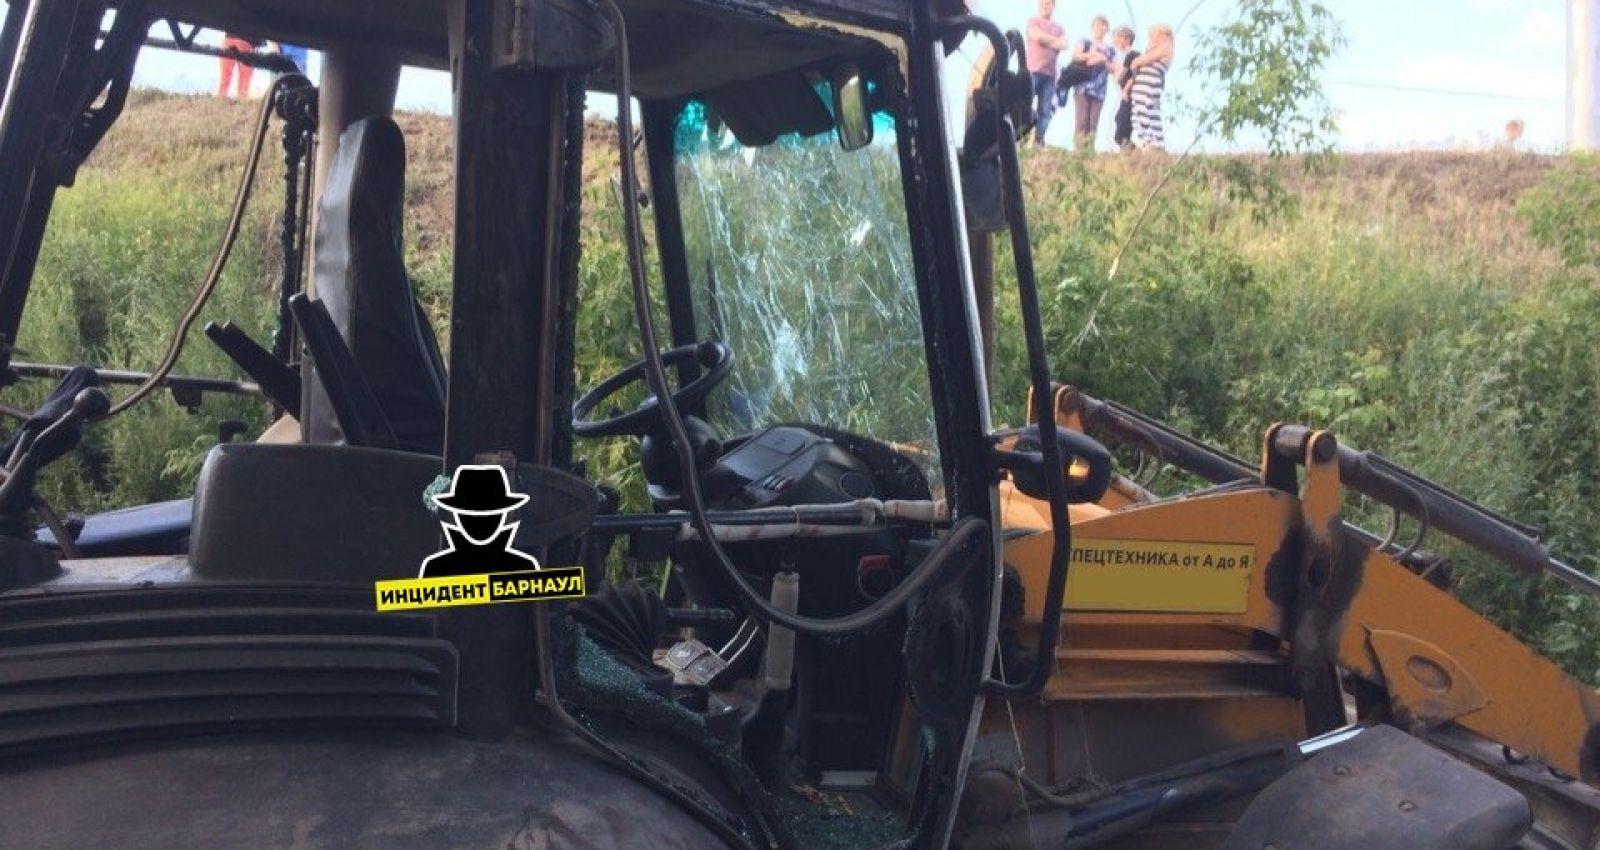 Тракторист без прав пытался откупиться от сотрудника ГИБДД в алтайском селе